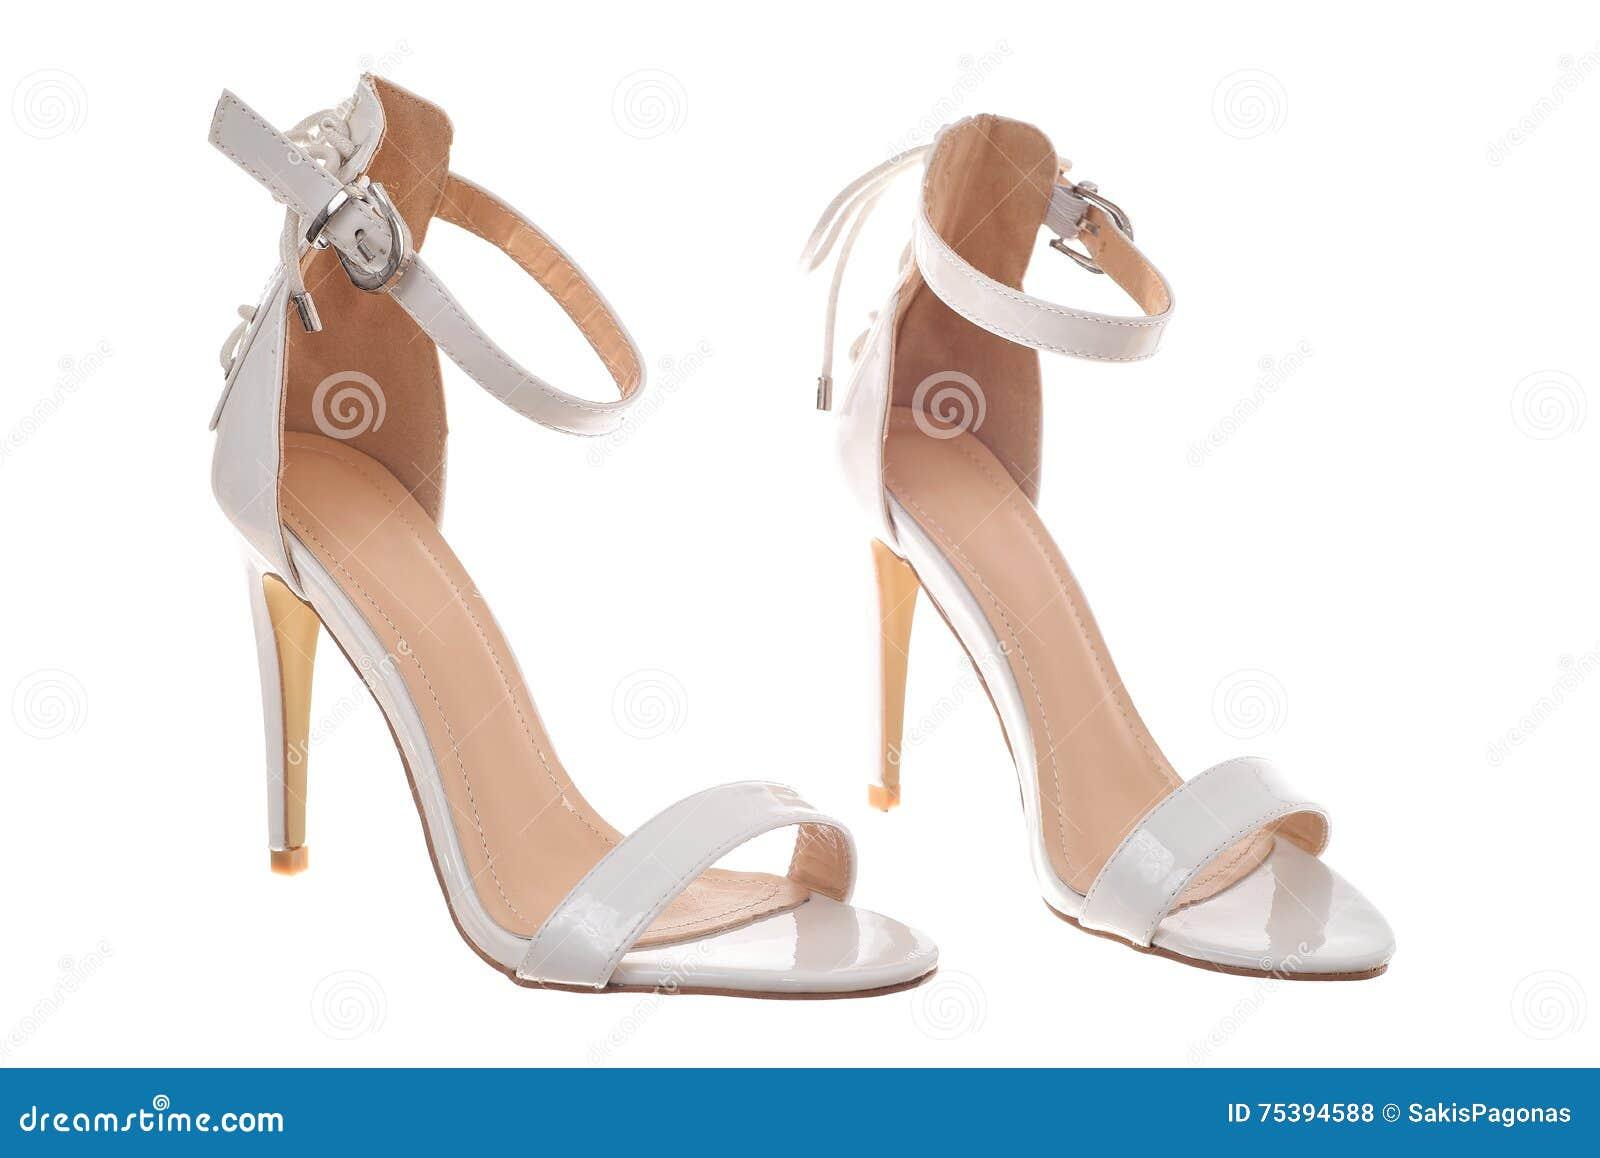 amazon super popolare stile squisito Paia Delle Scarpe Bianche Della Donna Del Tacco Alto Fotografia ...